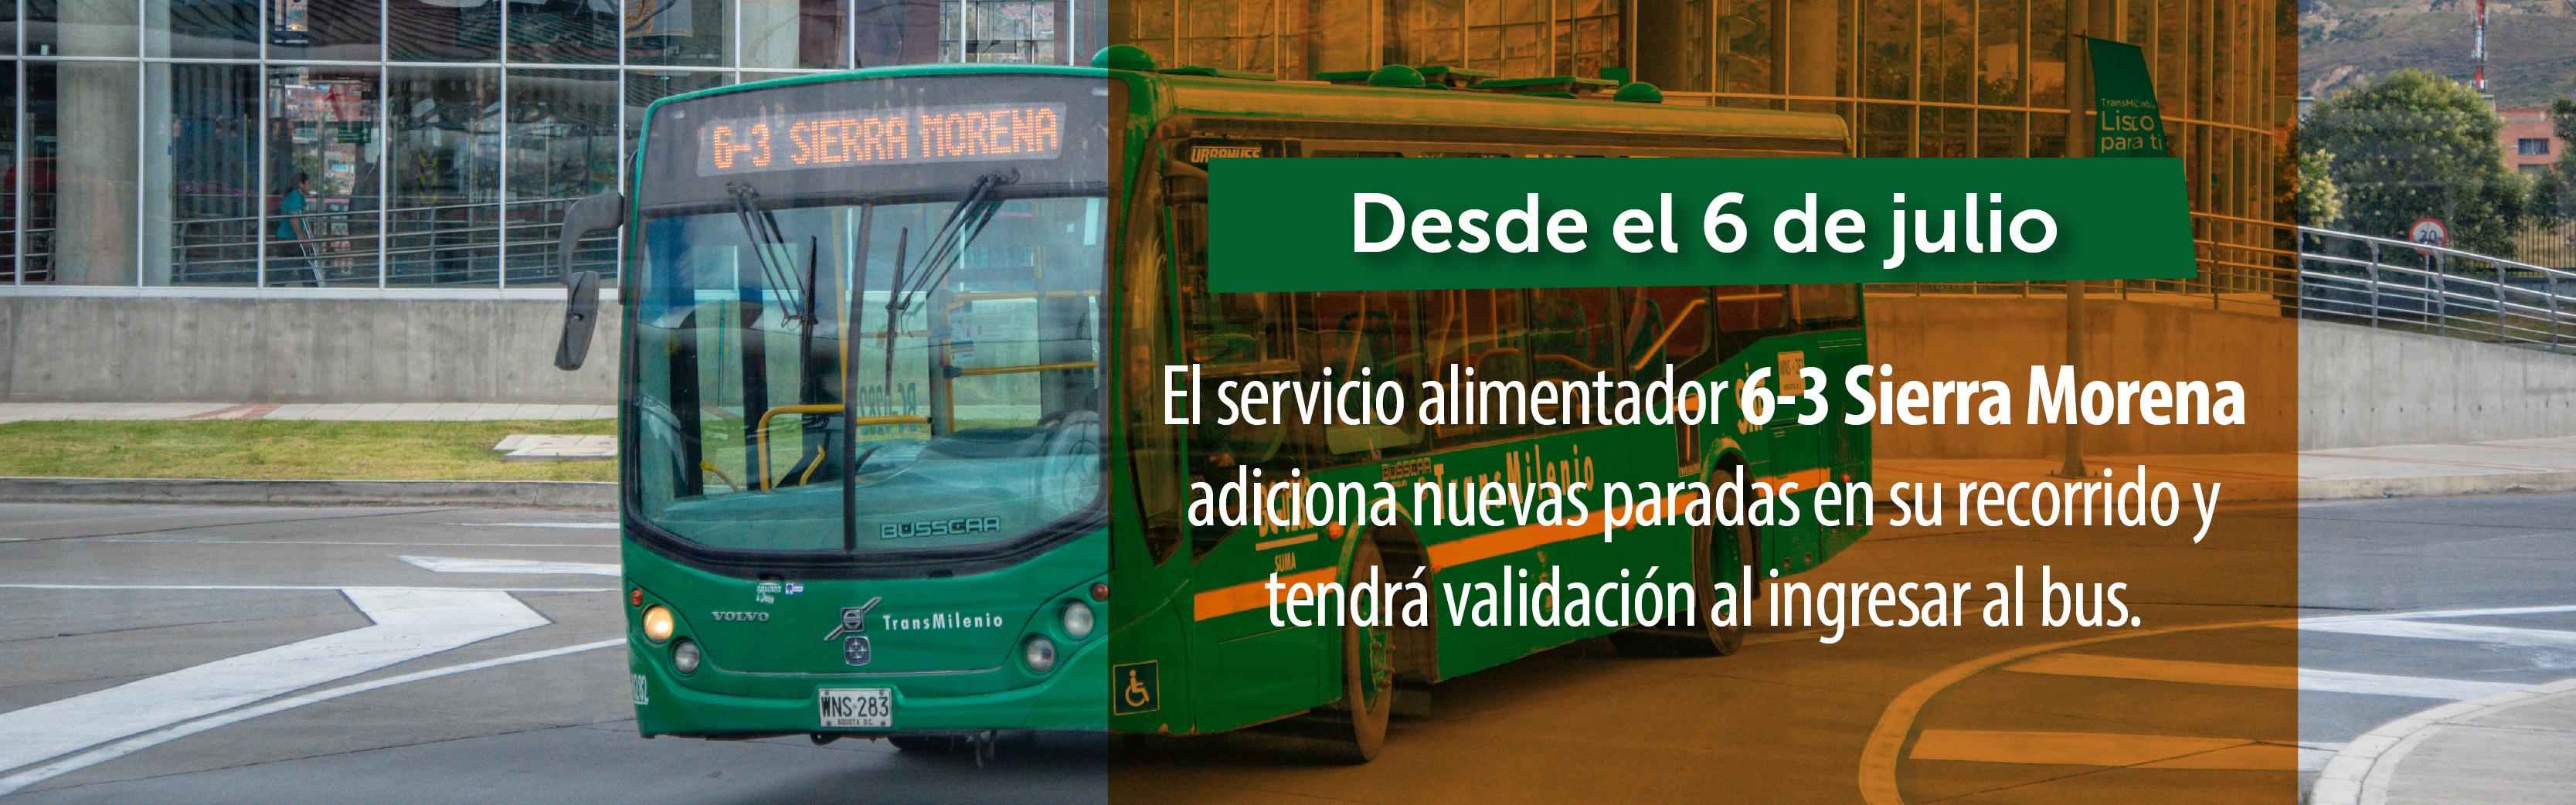 Servicio alimentador 6-3 Sierra Morena adiciona nuevas paradas a su recorrido